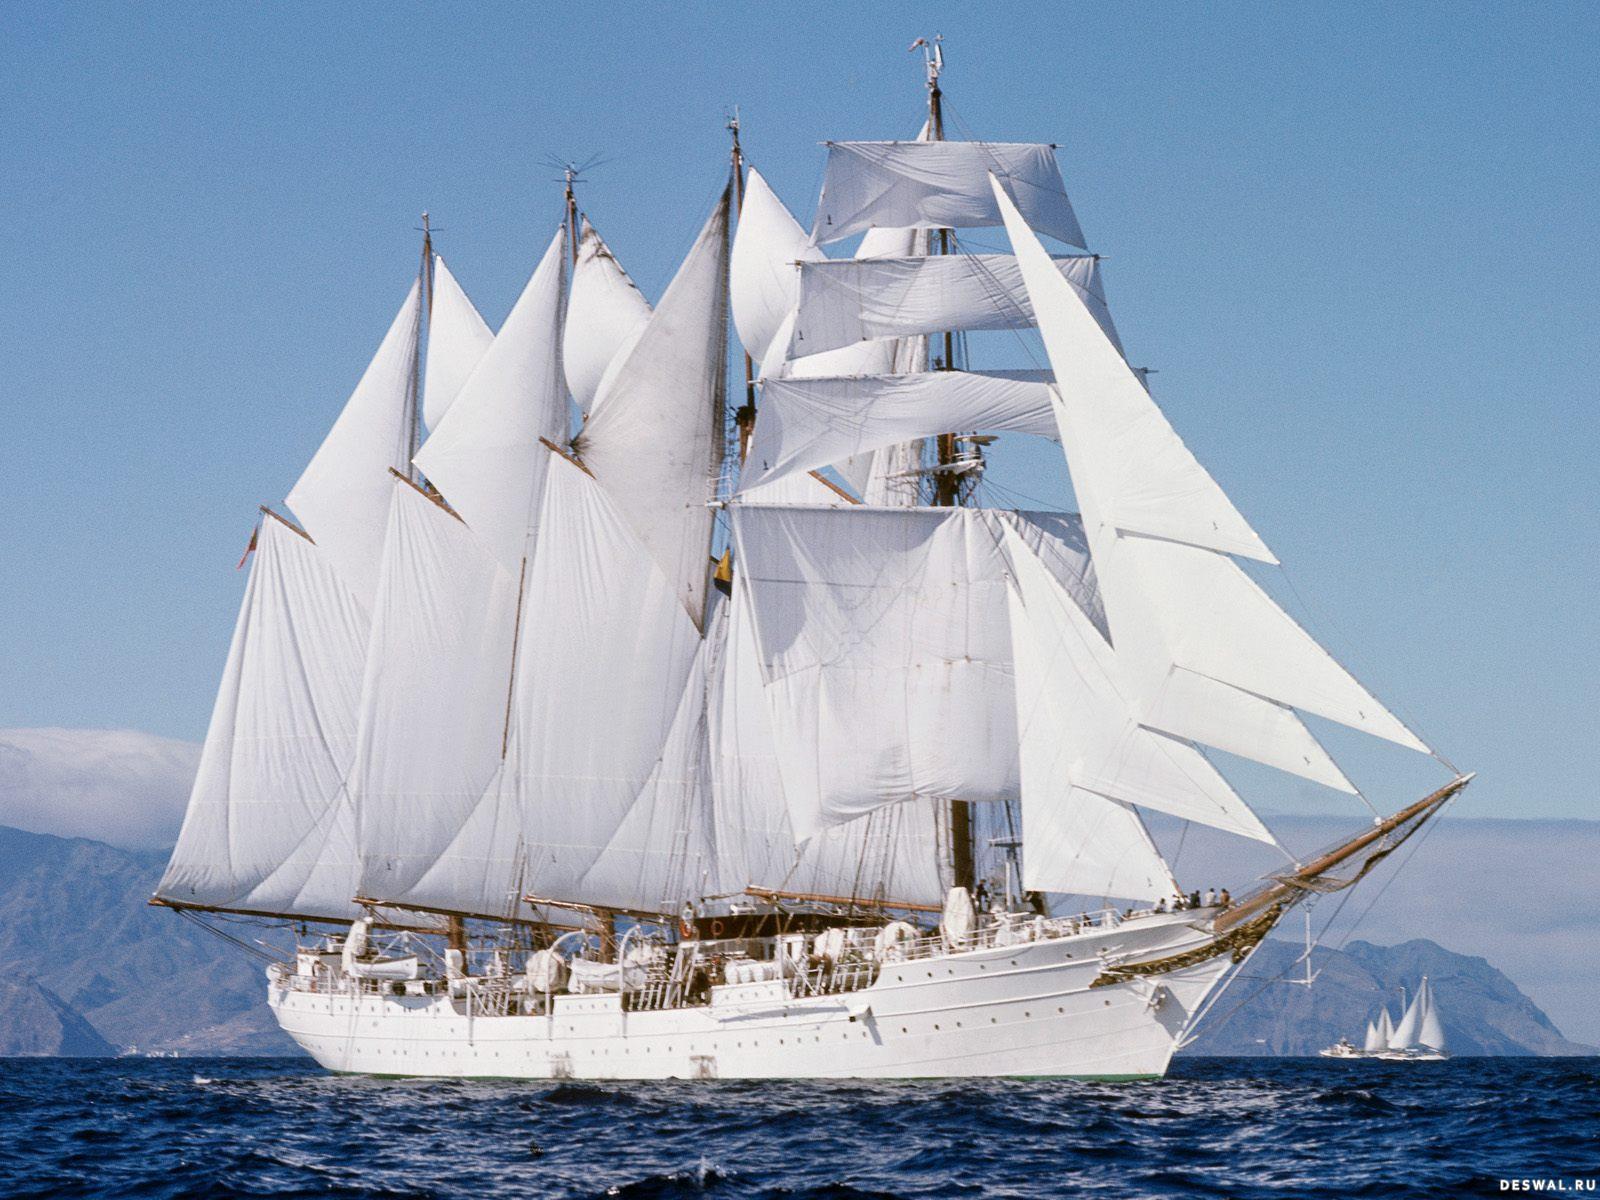 Белоснежный  парусник в море